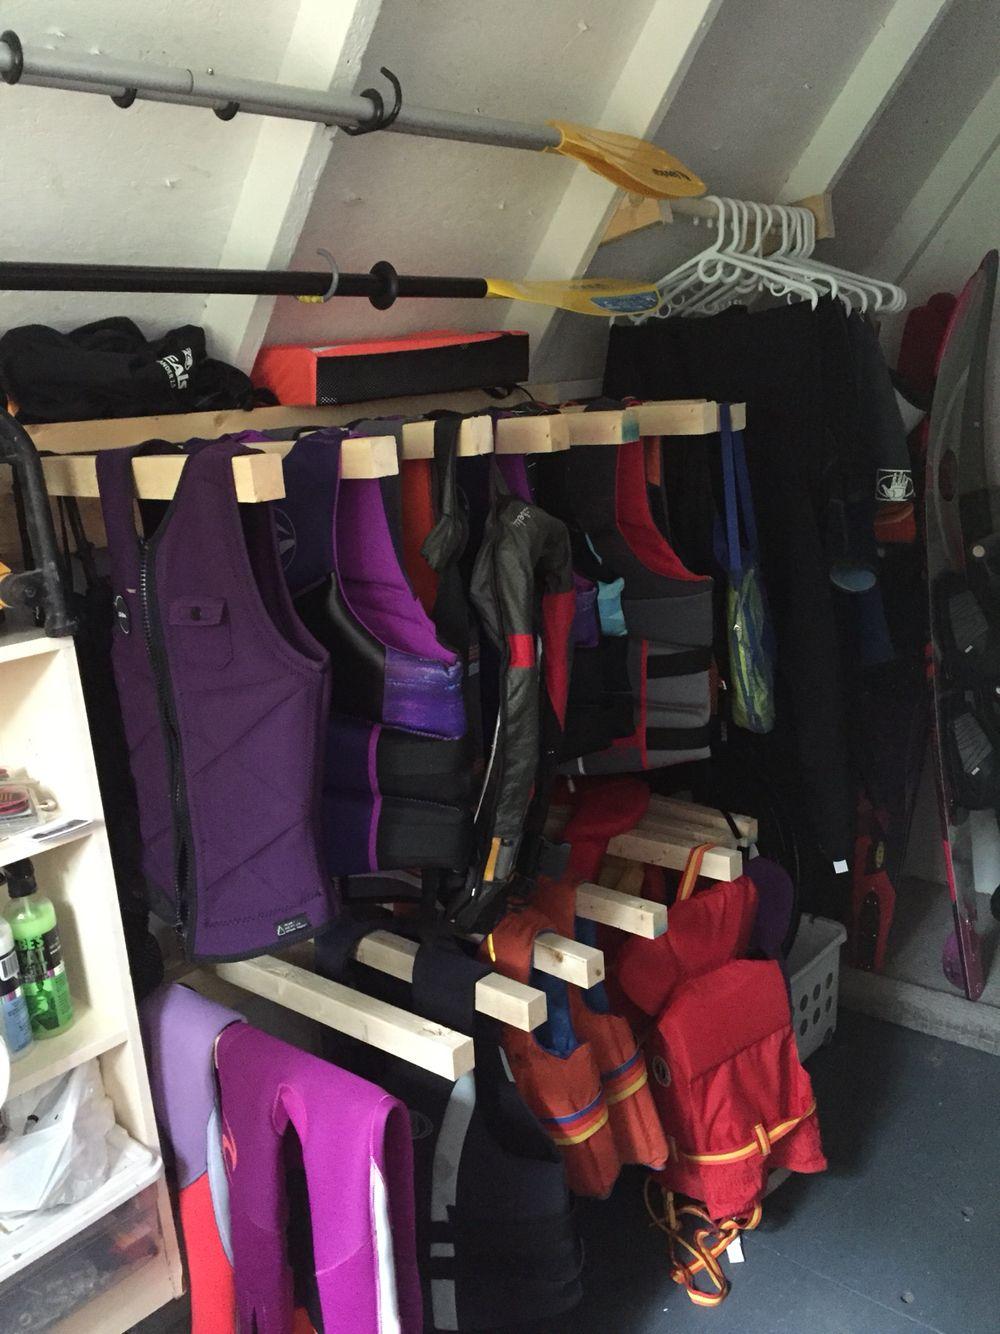 Wonderful Life Jacket Storage